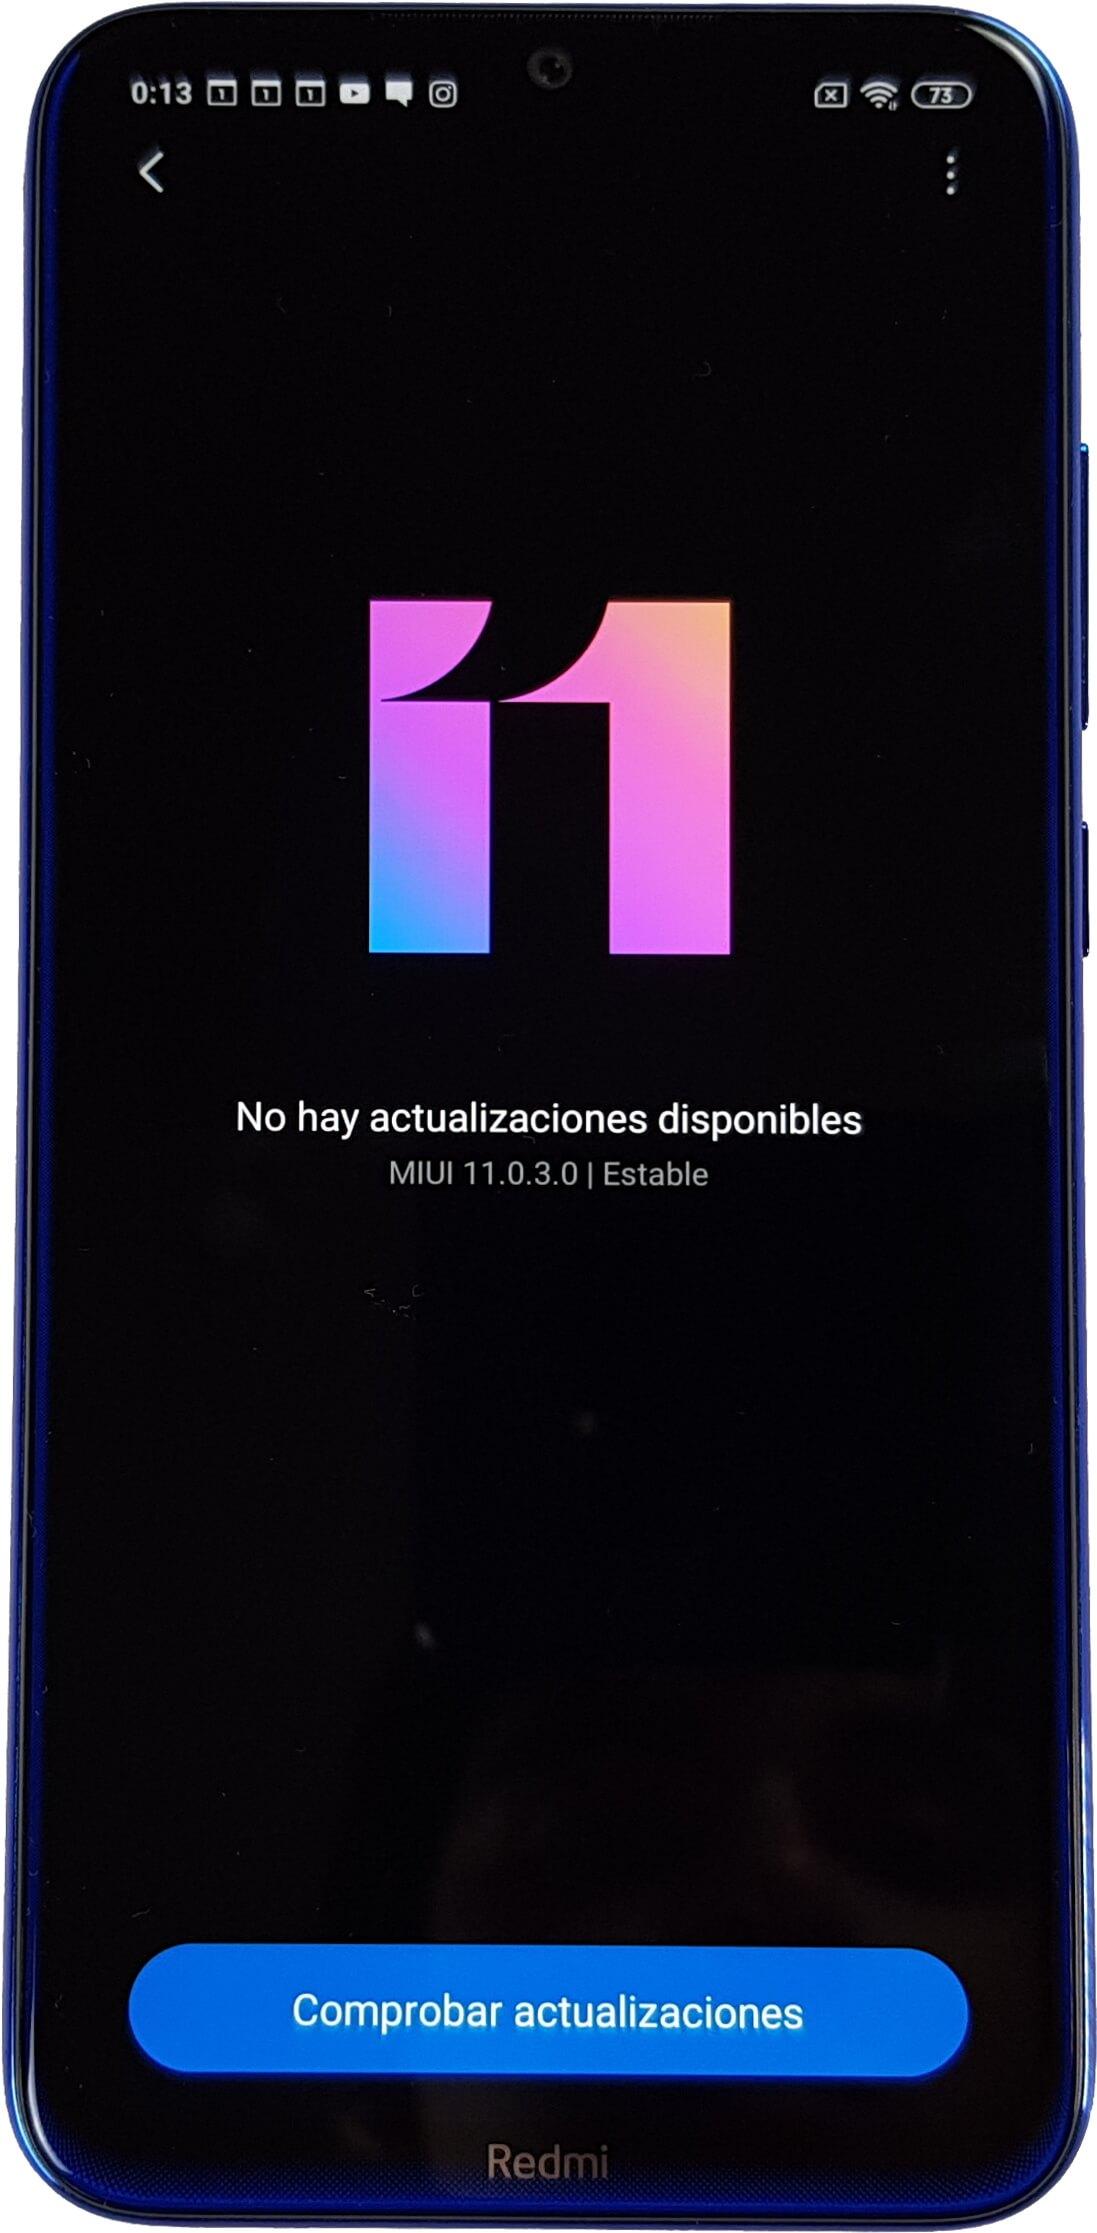 El Redmi Note 8 ya tiene MIUI 11